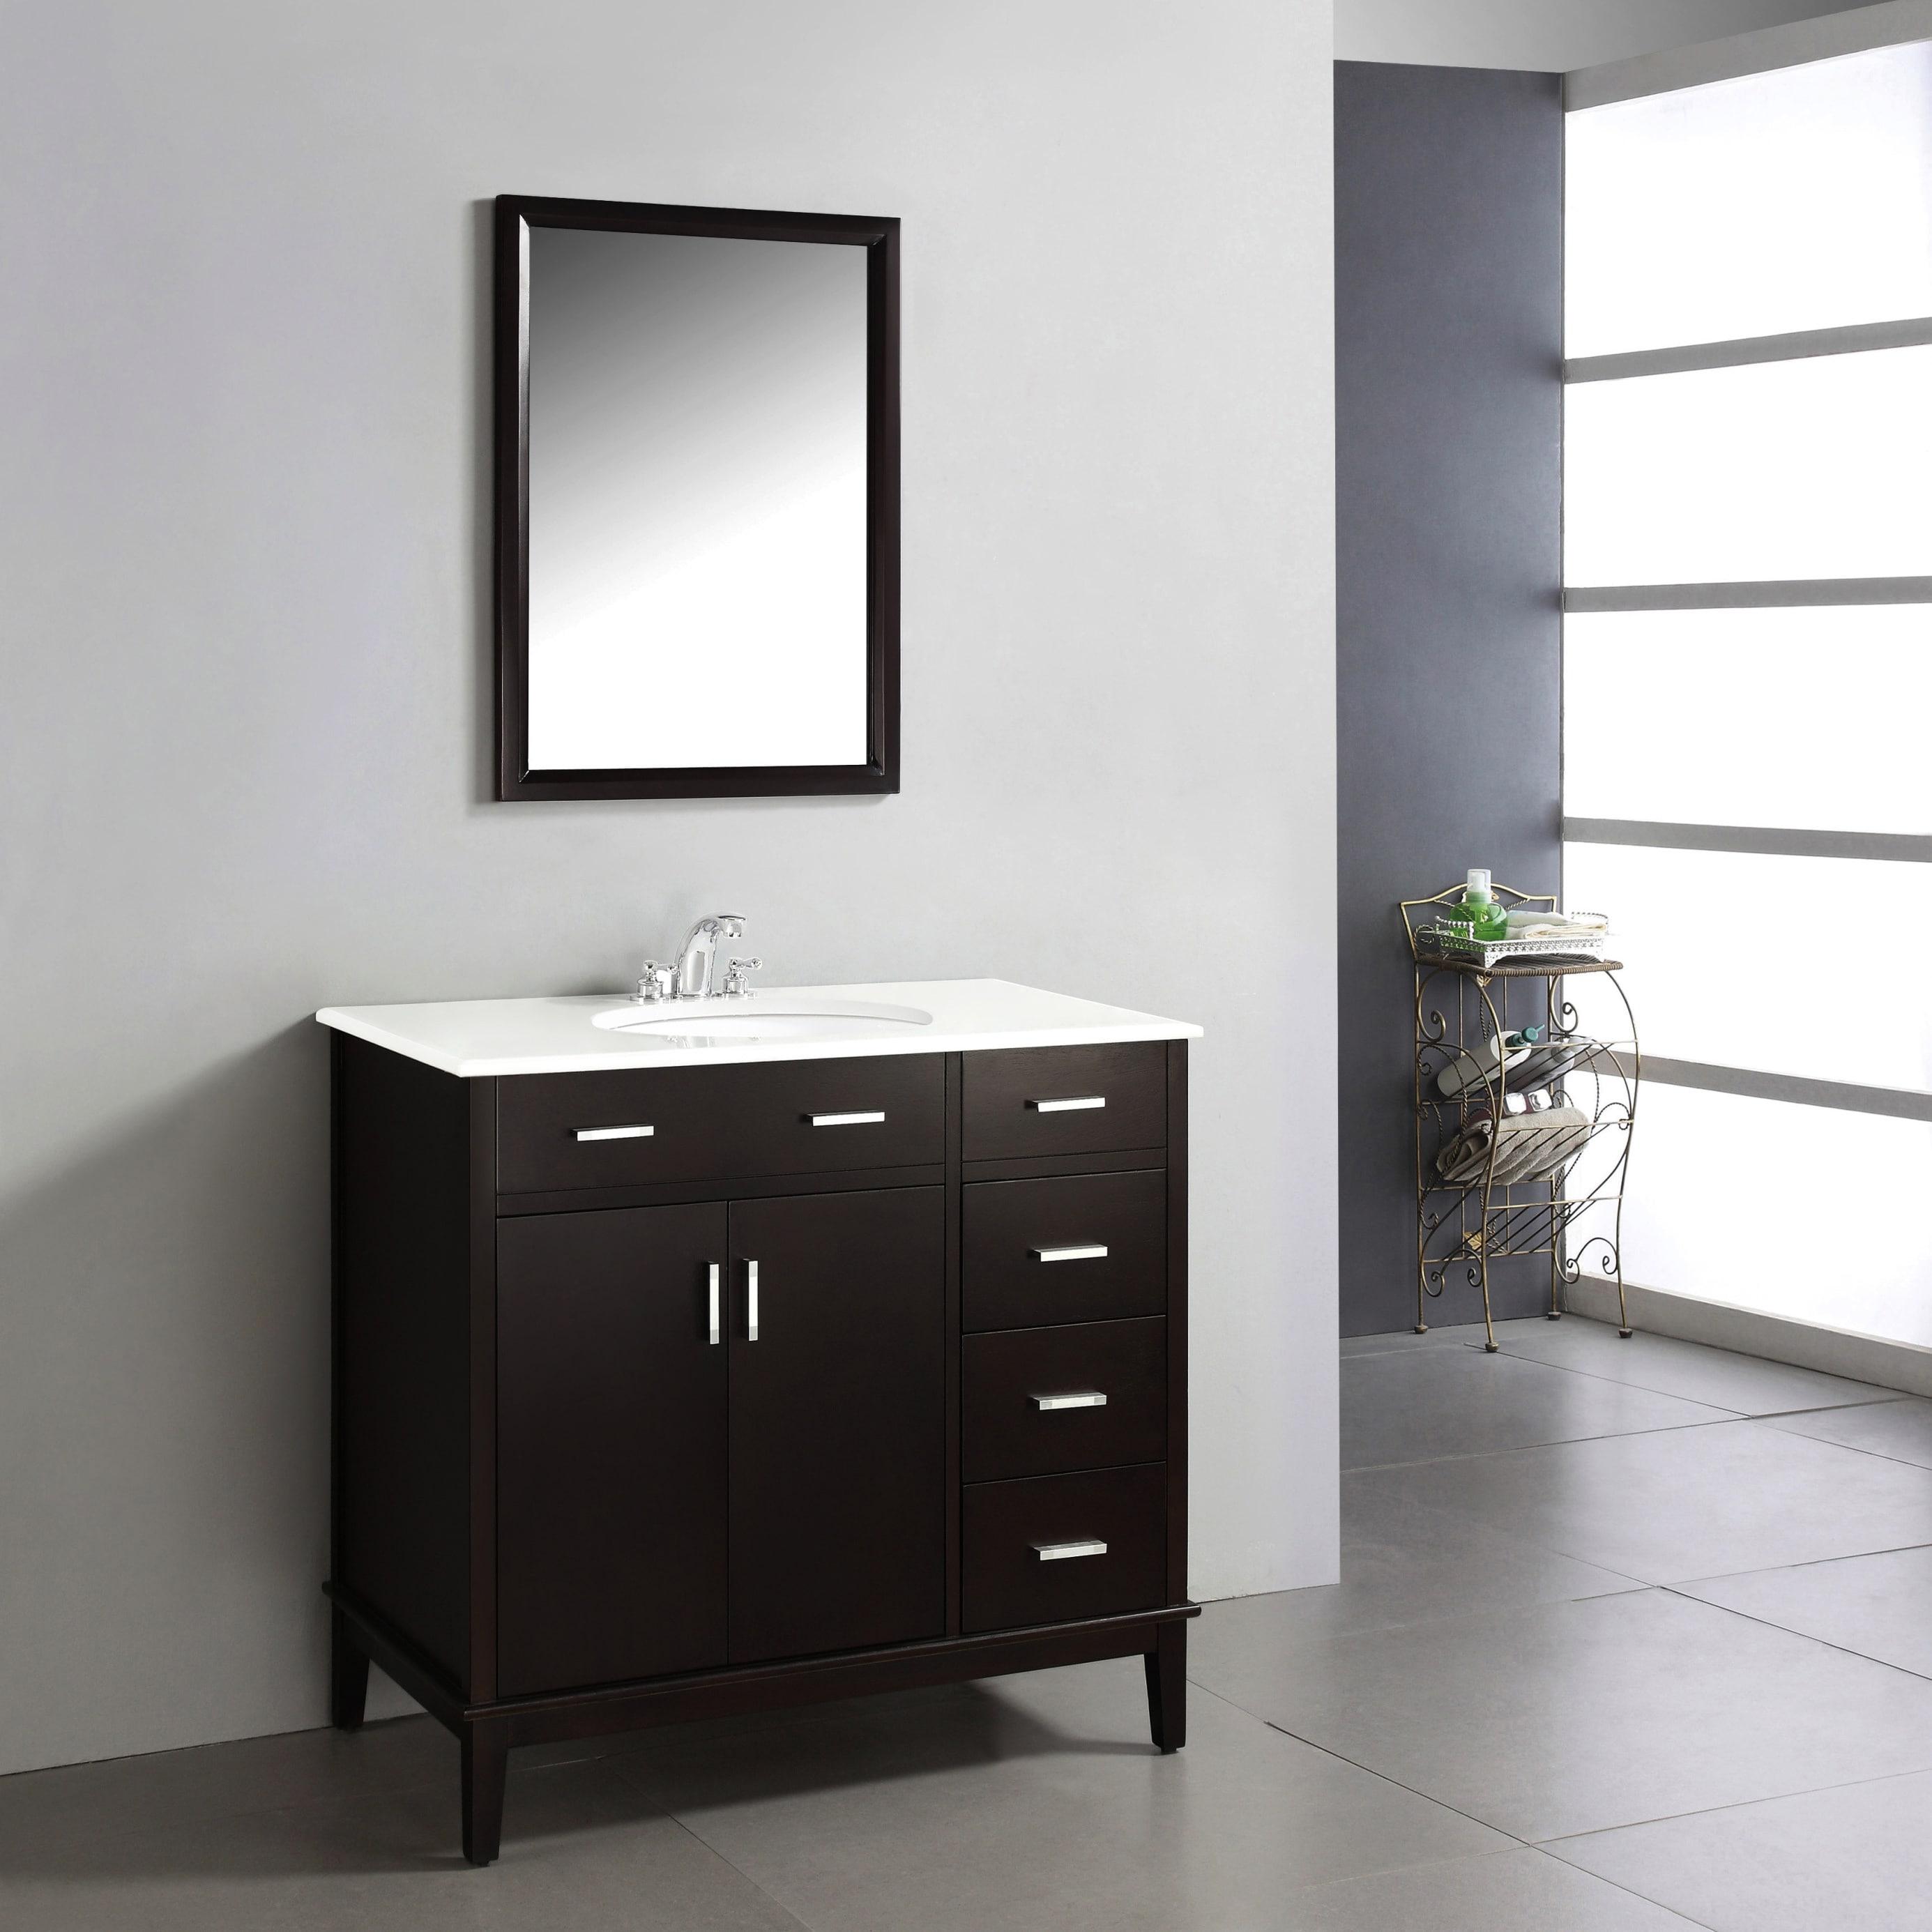 wyndenhall oxford dark espresso brown 2 door 36 inch bath vanity